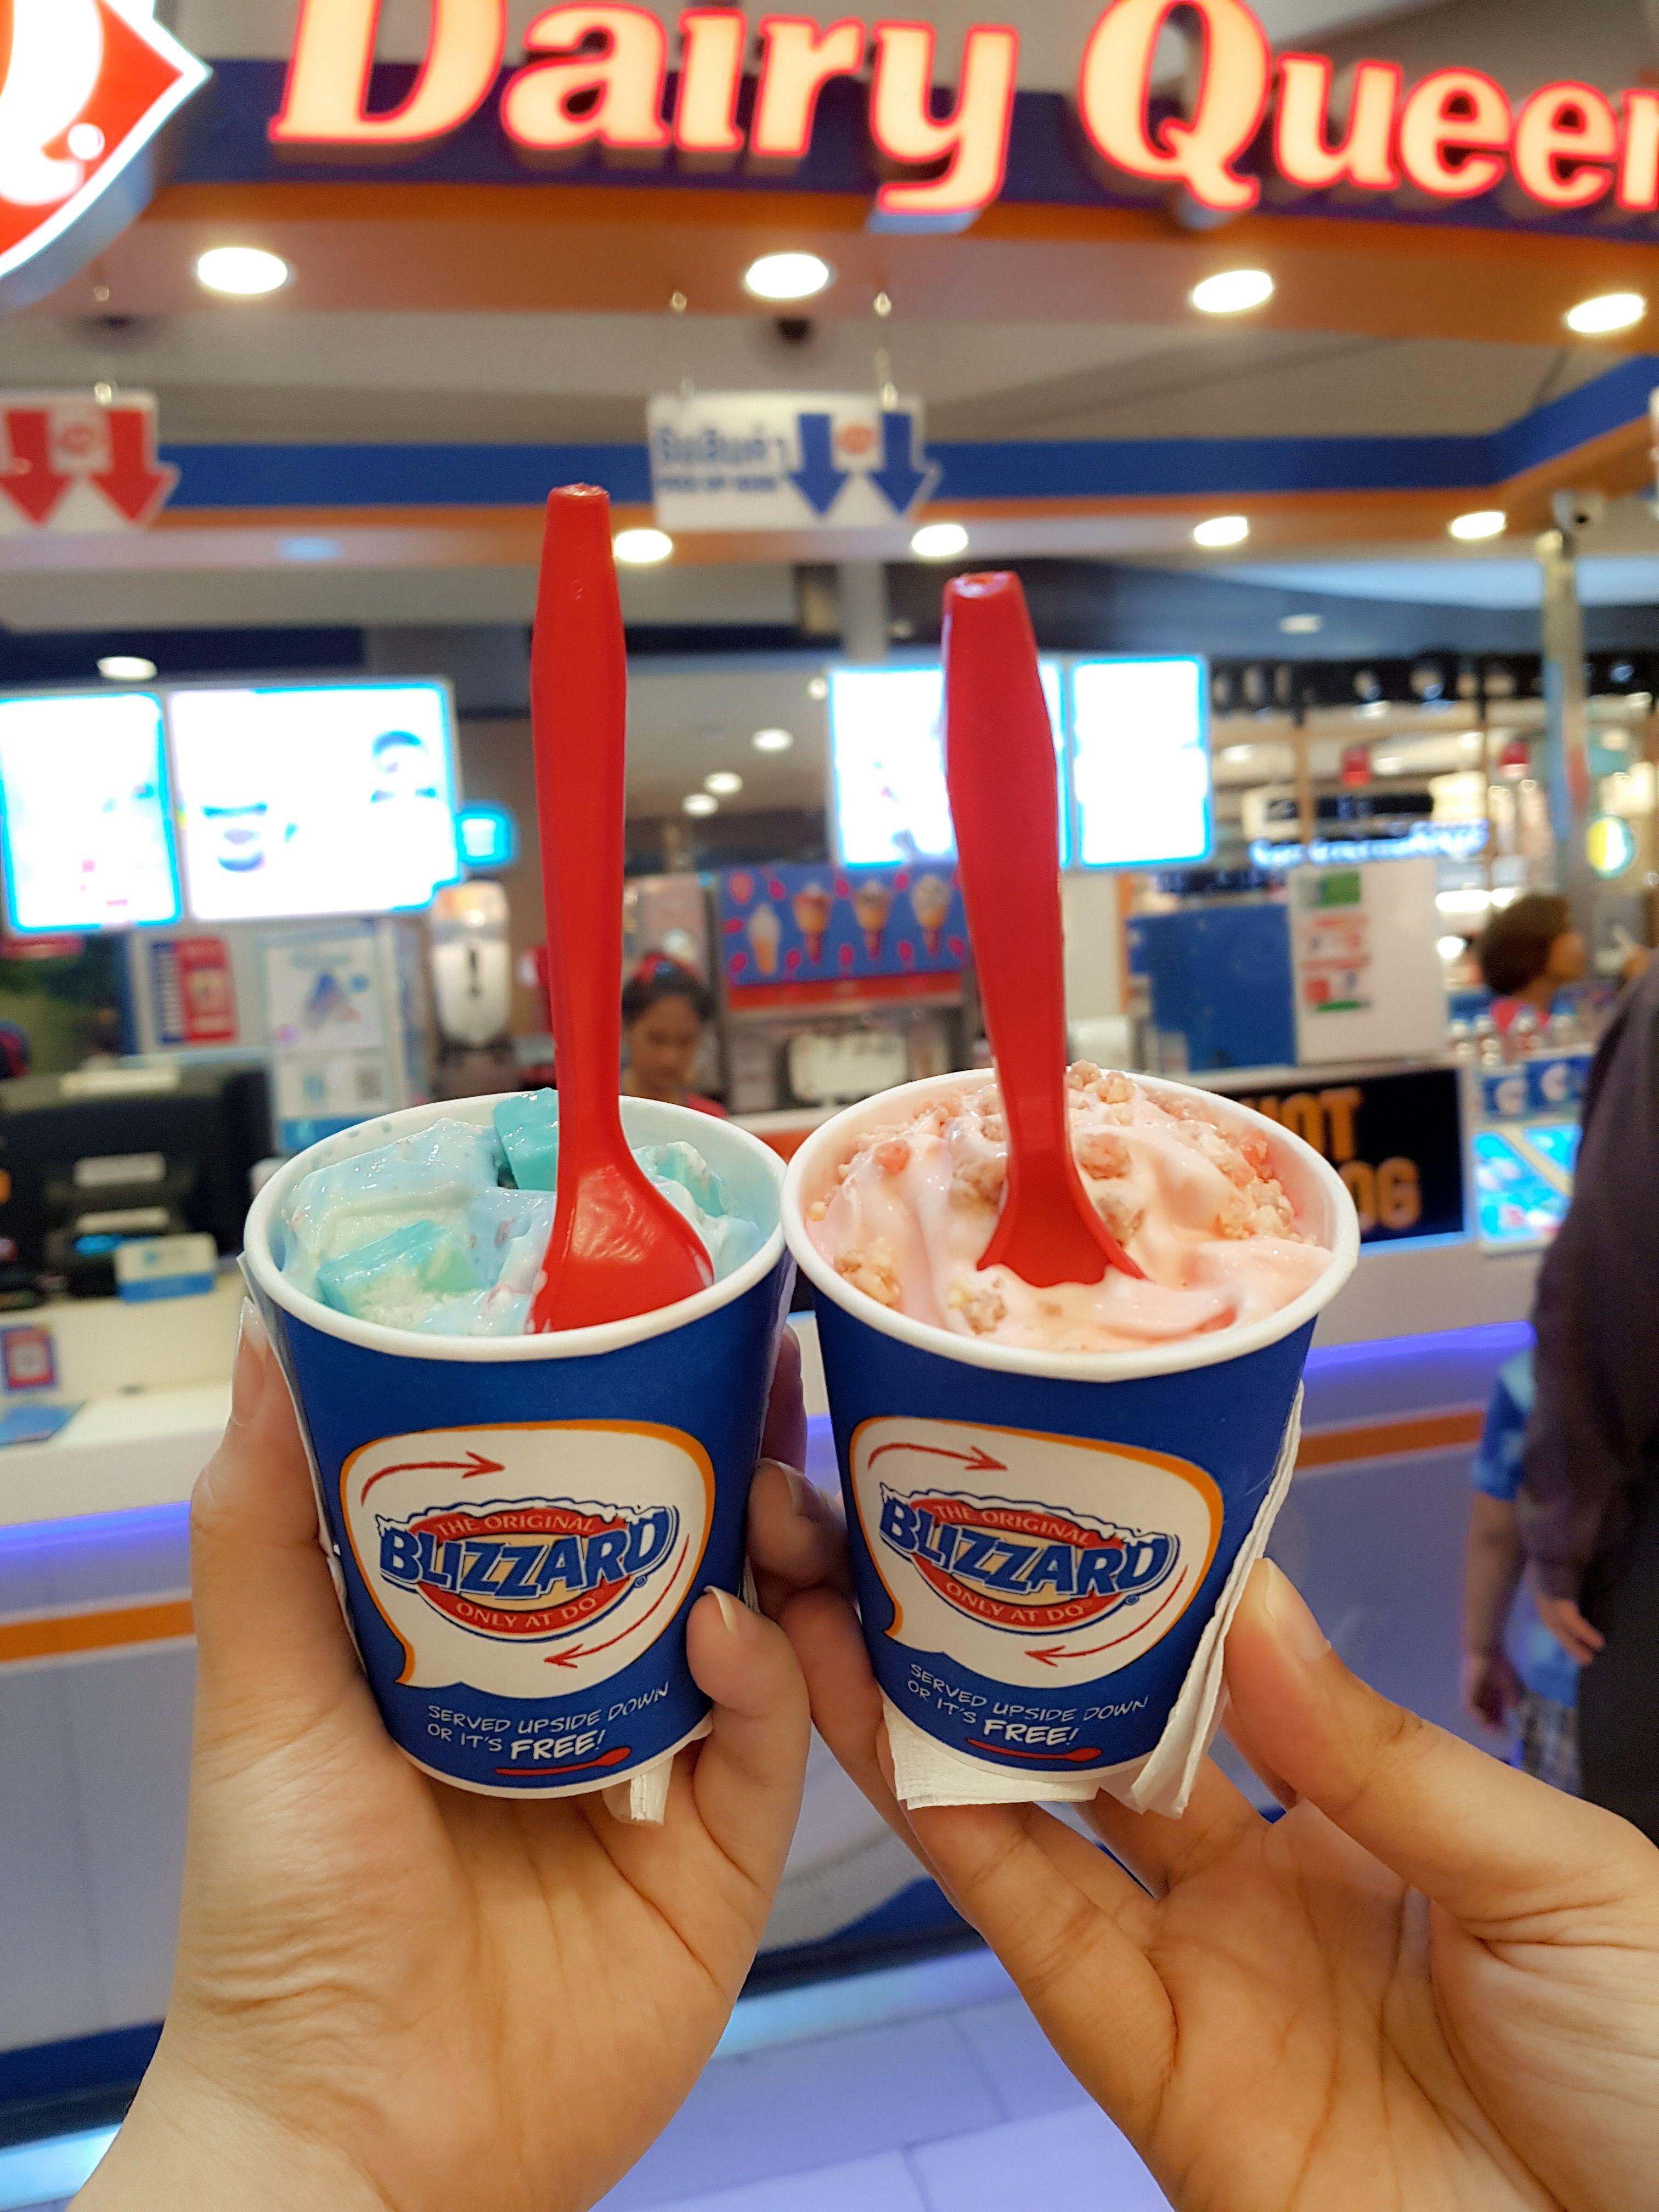 Unicorn Blizzard Cotton Candy Blizzard Dairy Queen Thailand Cotton Candy Blizzard Dessert Recipes Dairy Queen